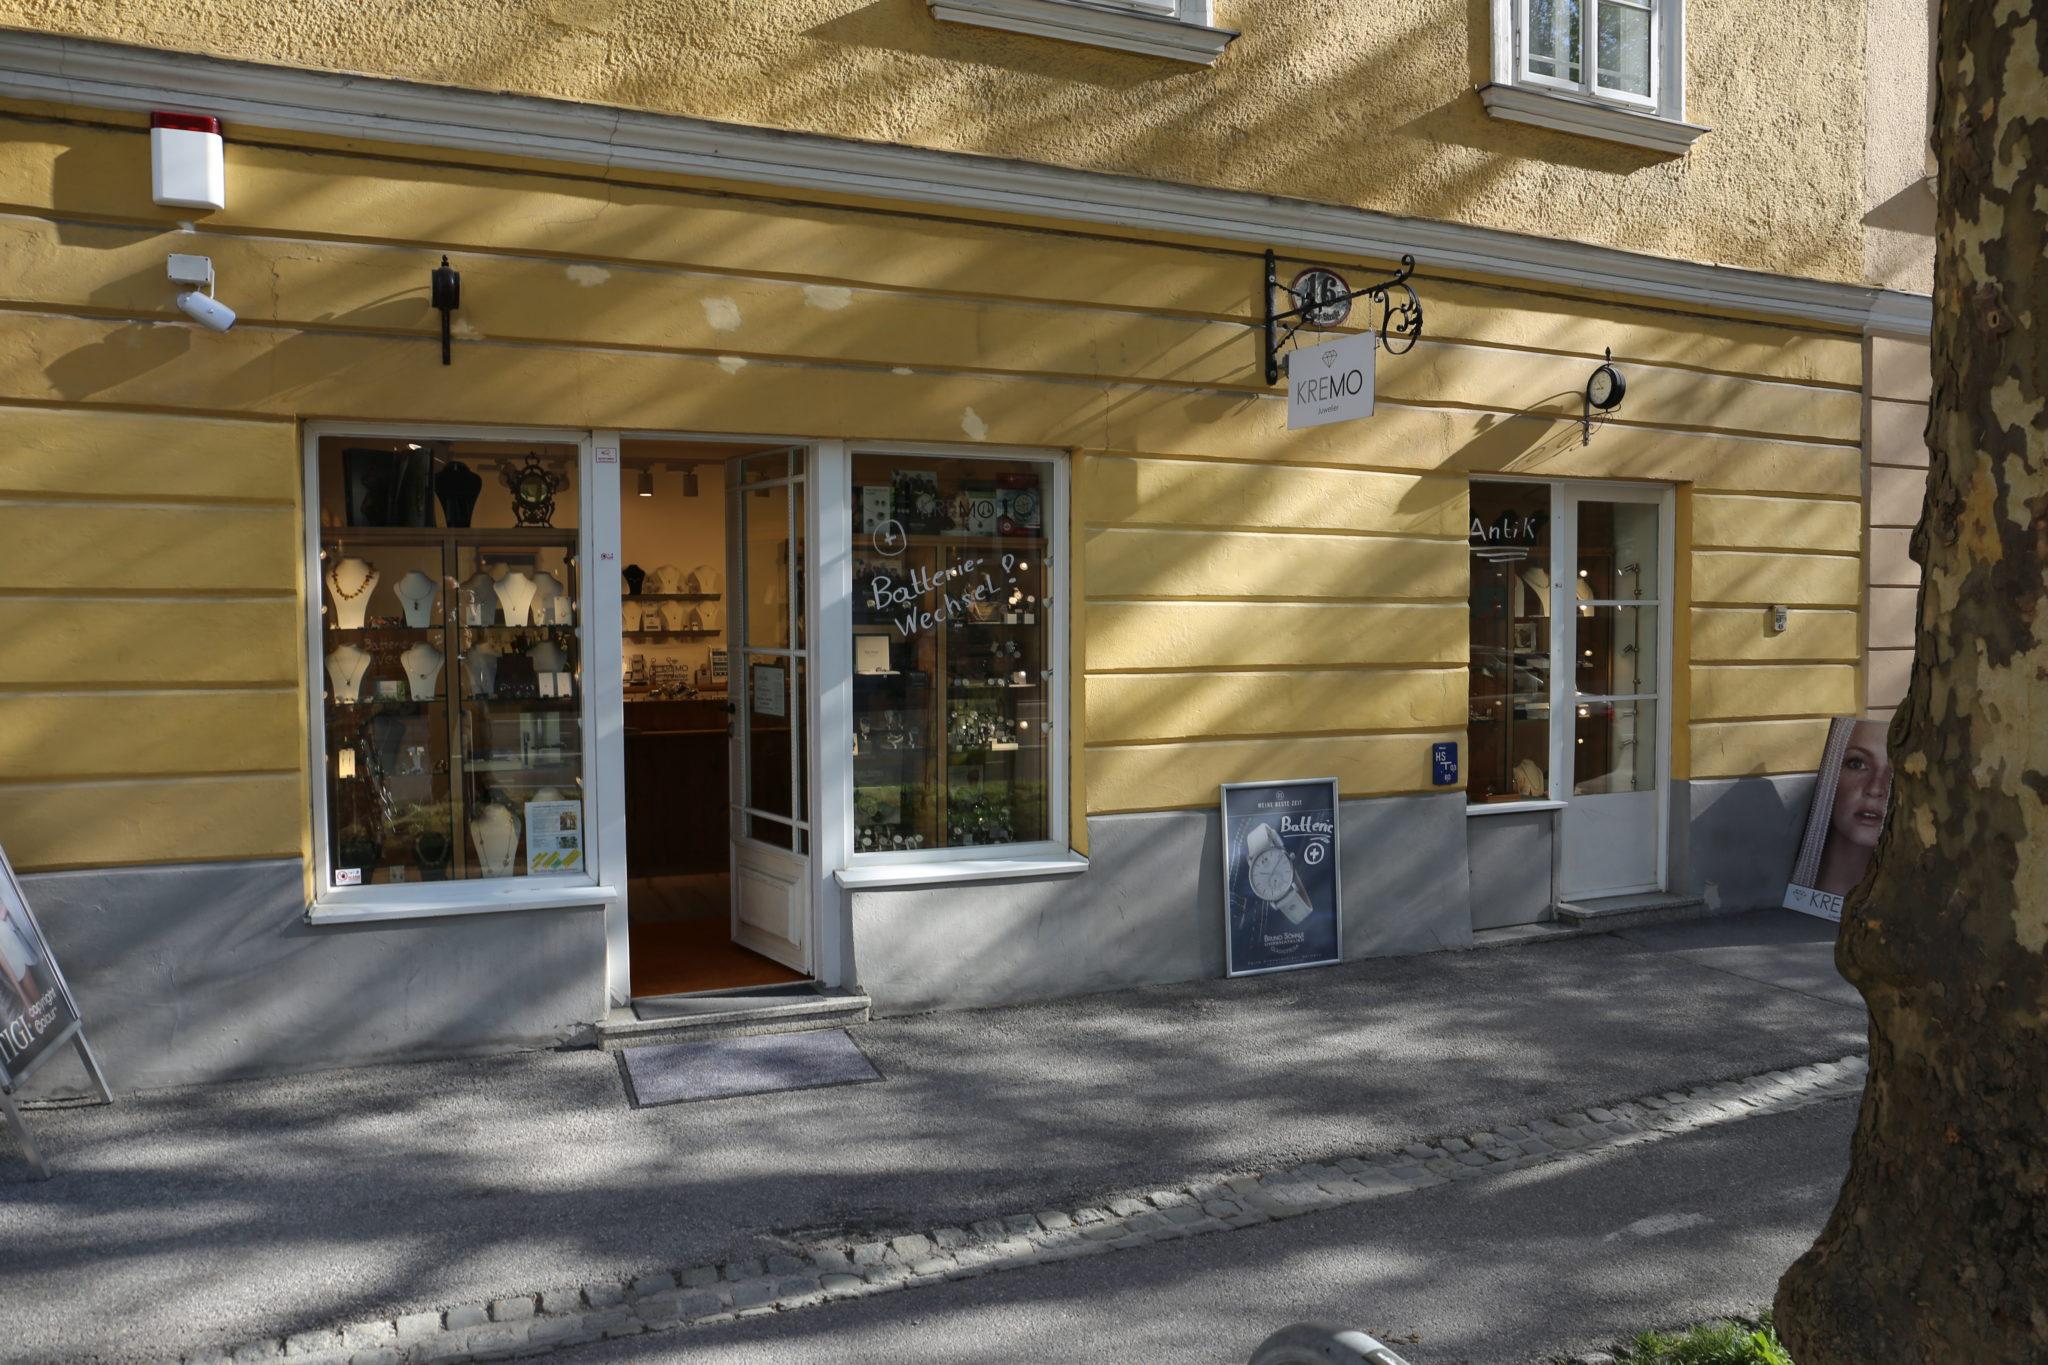 Juwelier Reinhard Maria Damisch – KREMO kreativ-modern Adresse – Öffnungszeiten